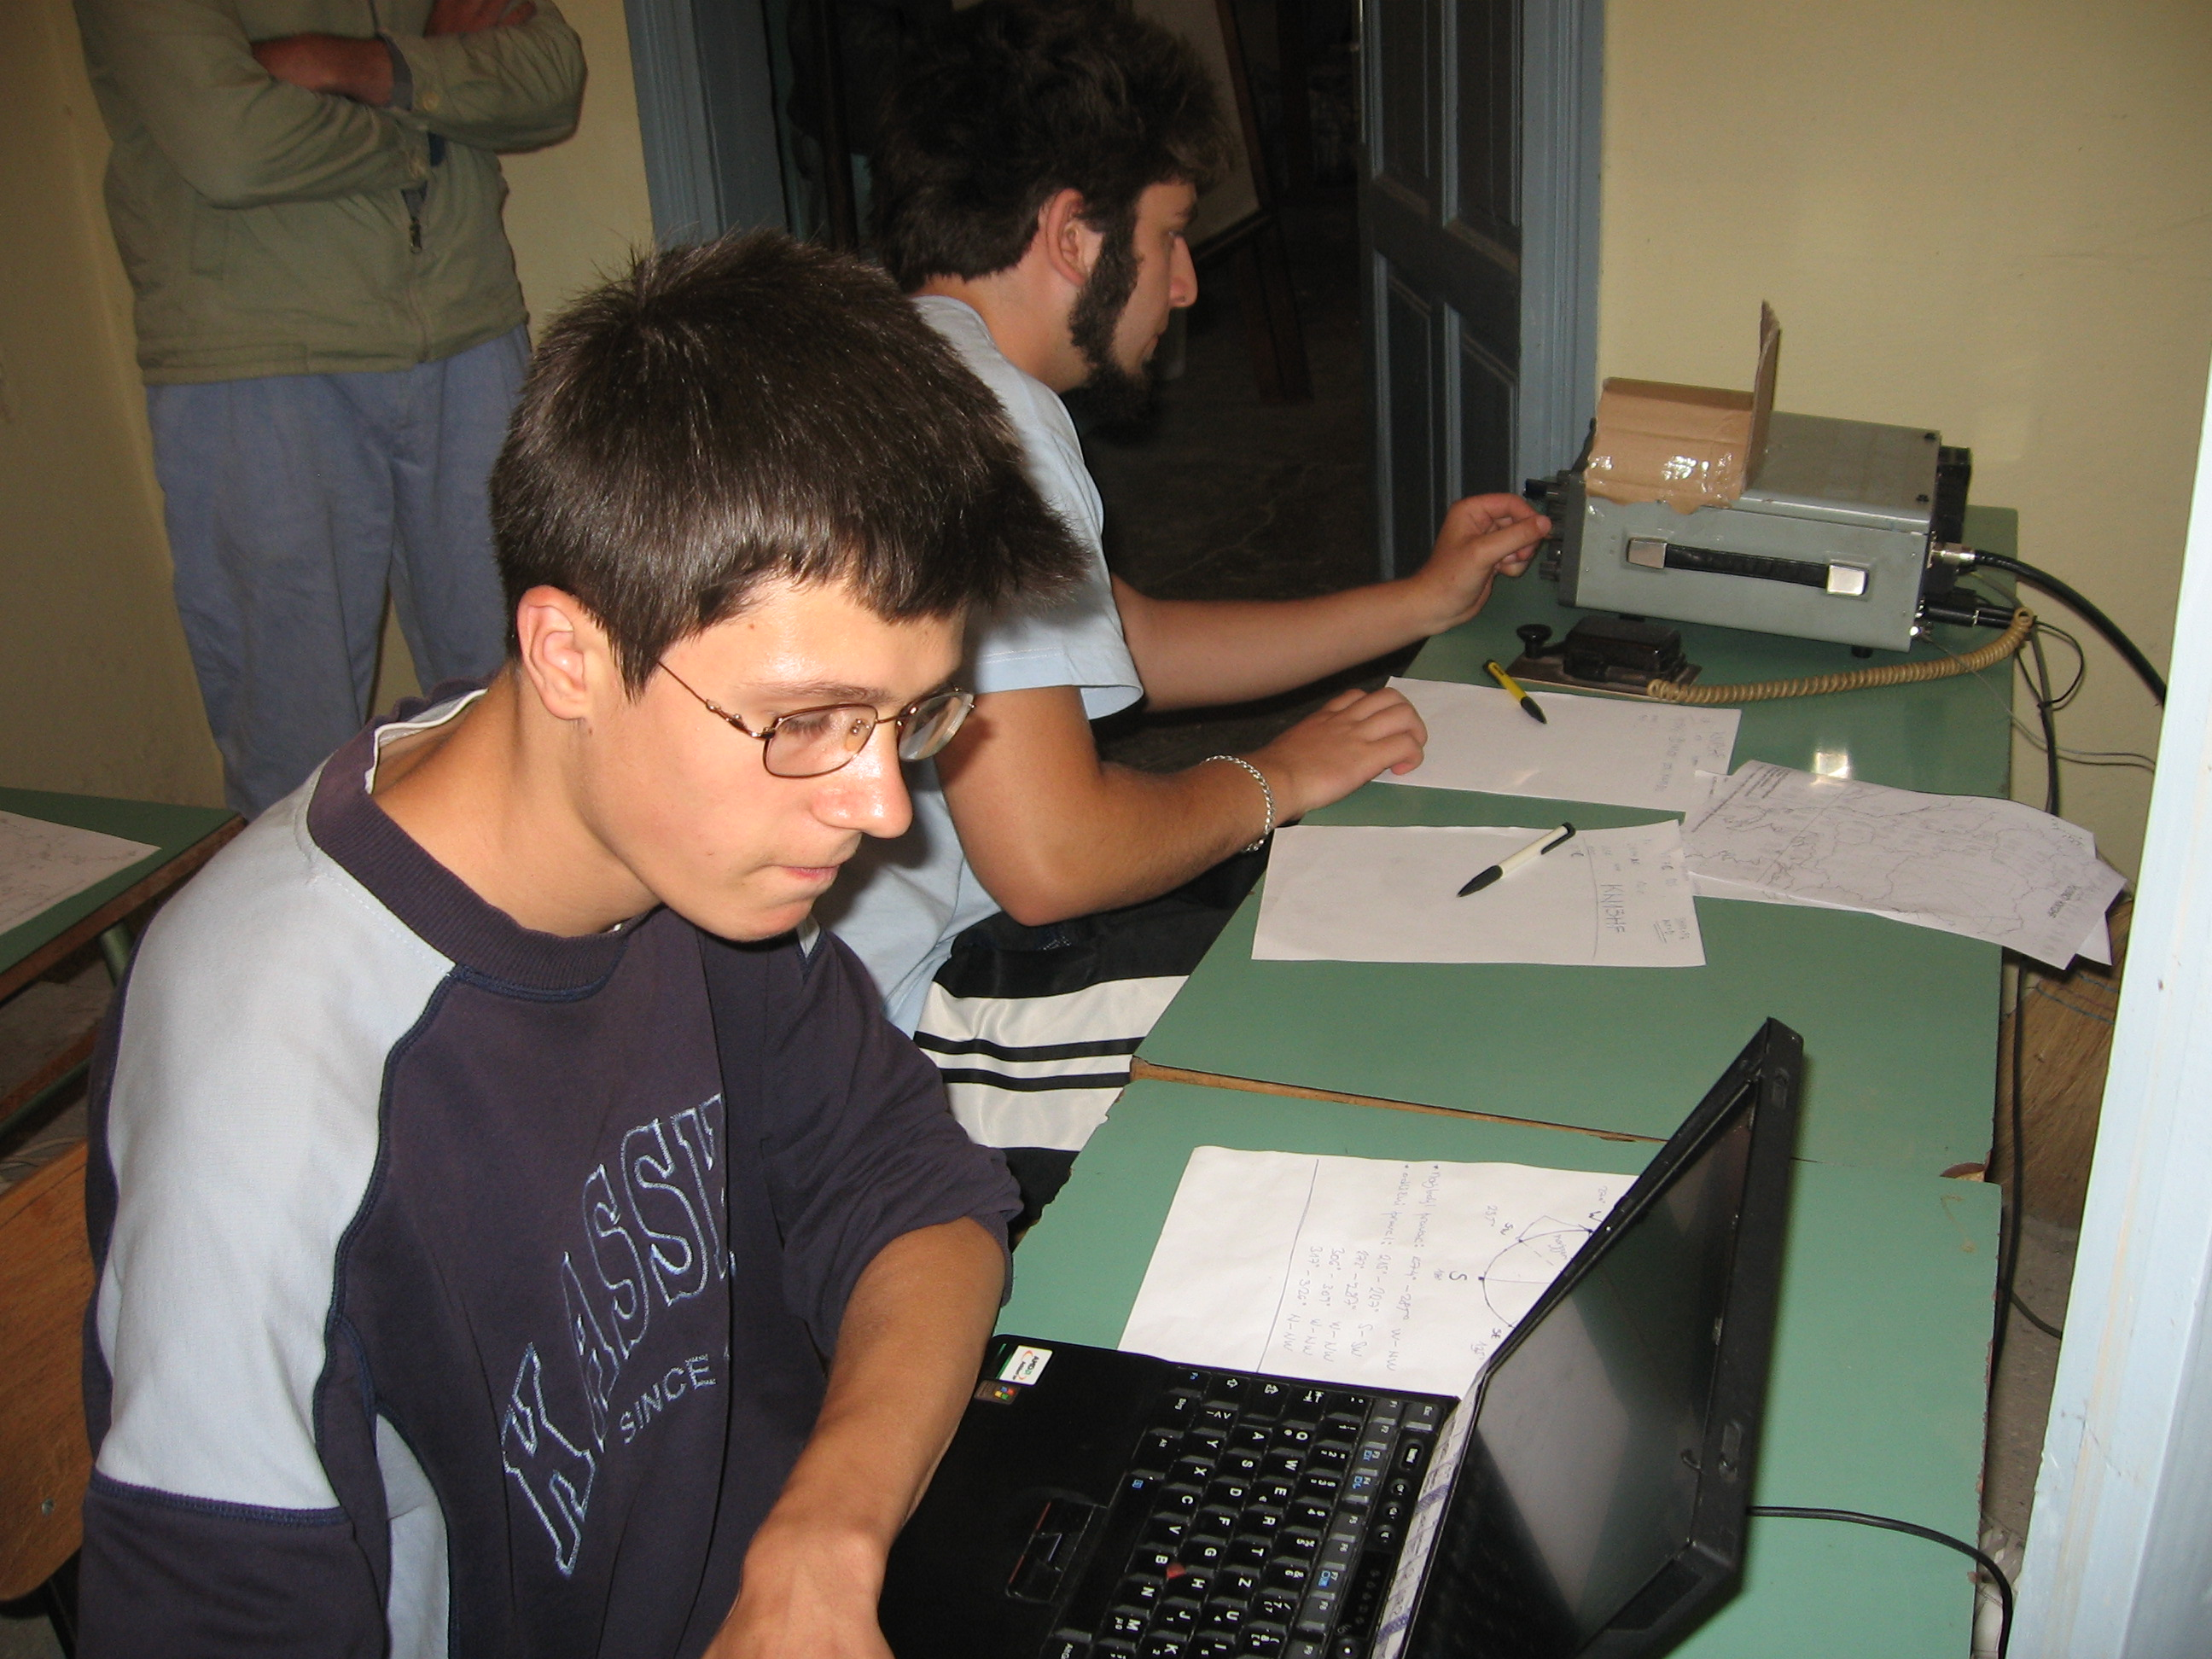 Septembarsko takmičenje 2007. - Nišor